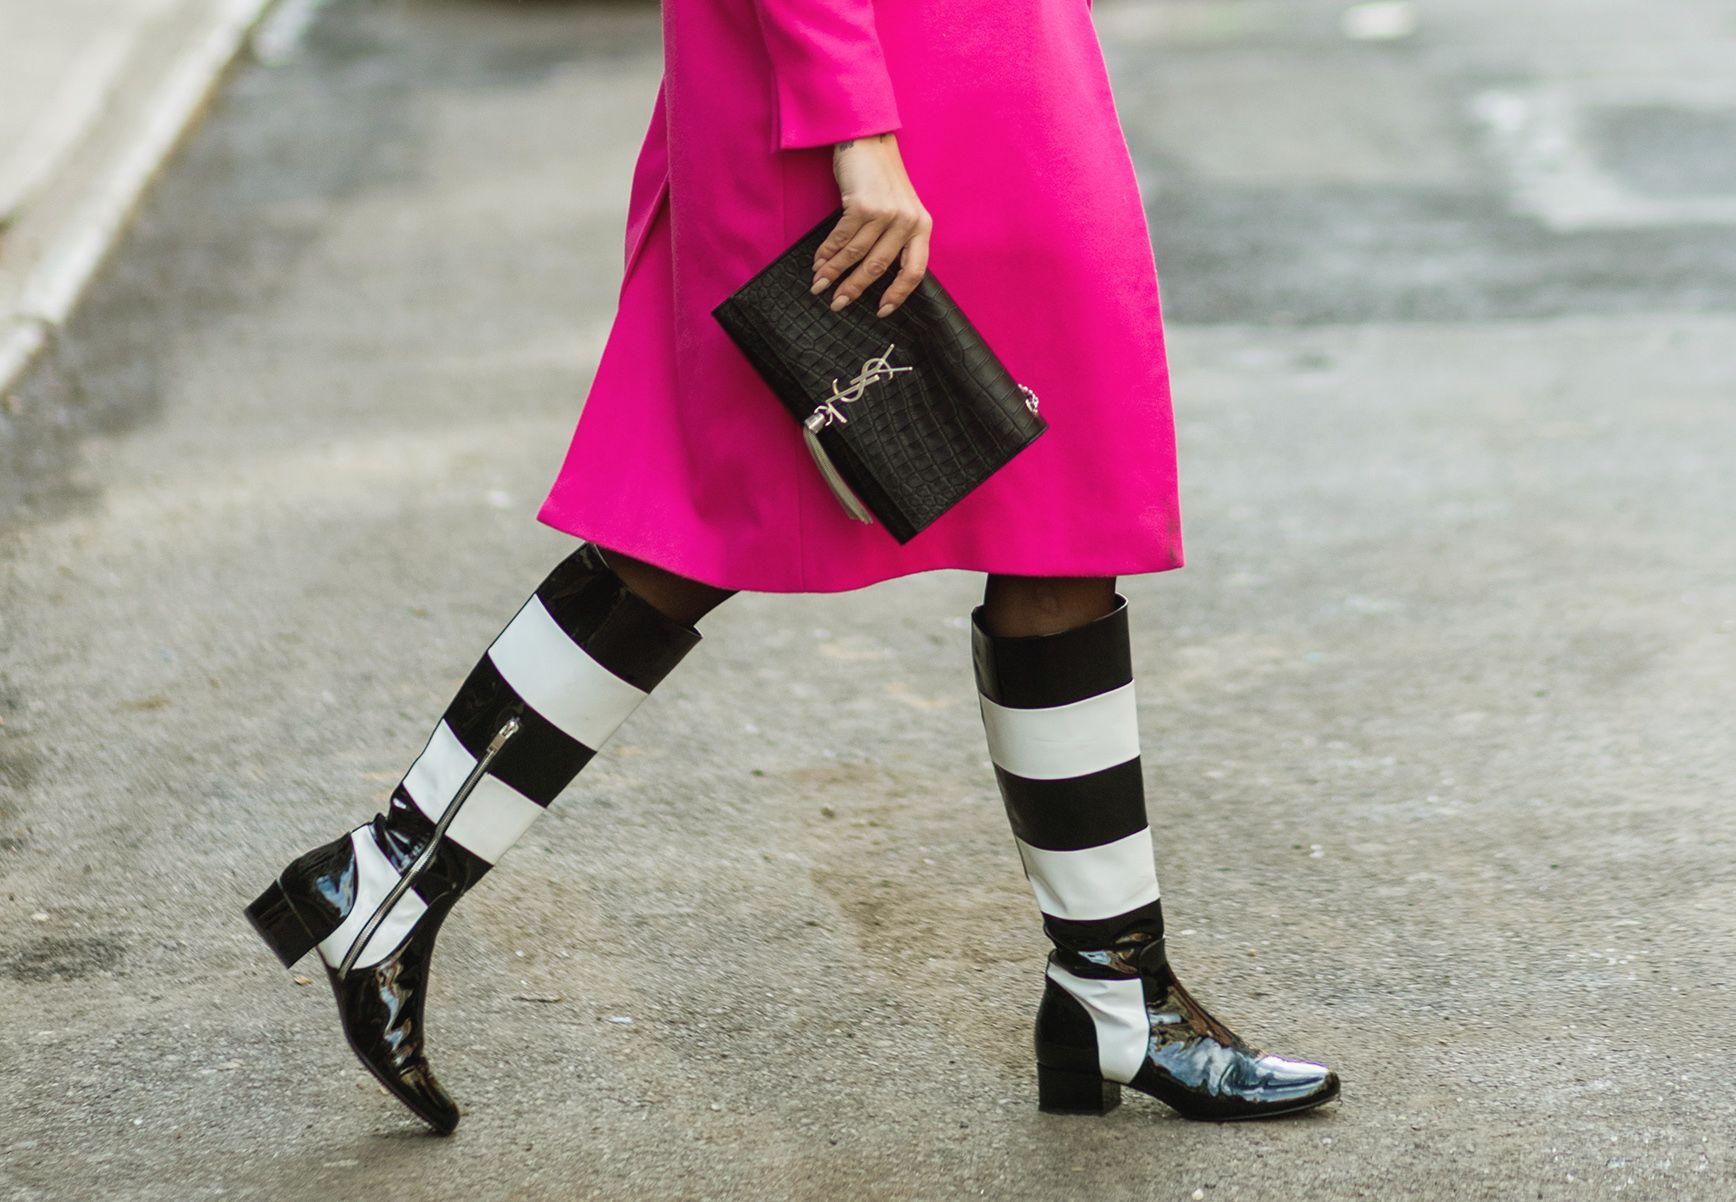 Stivali moda Inverno 20198  i modelli in vernice e gli stivaletti lucidi e  di vinile sono must have bcf641eac48